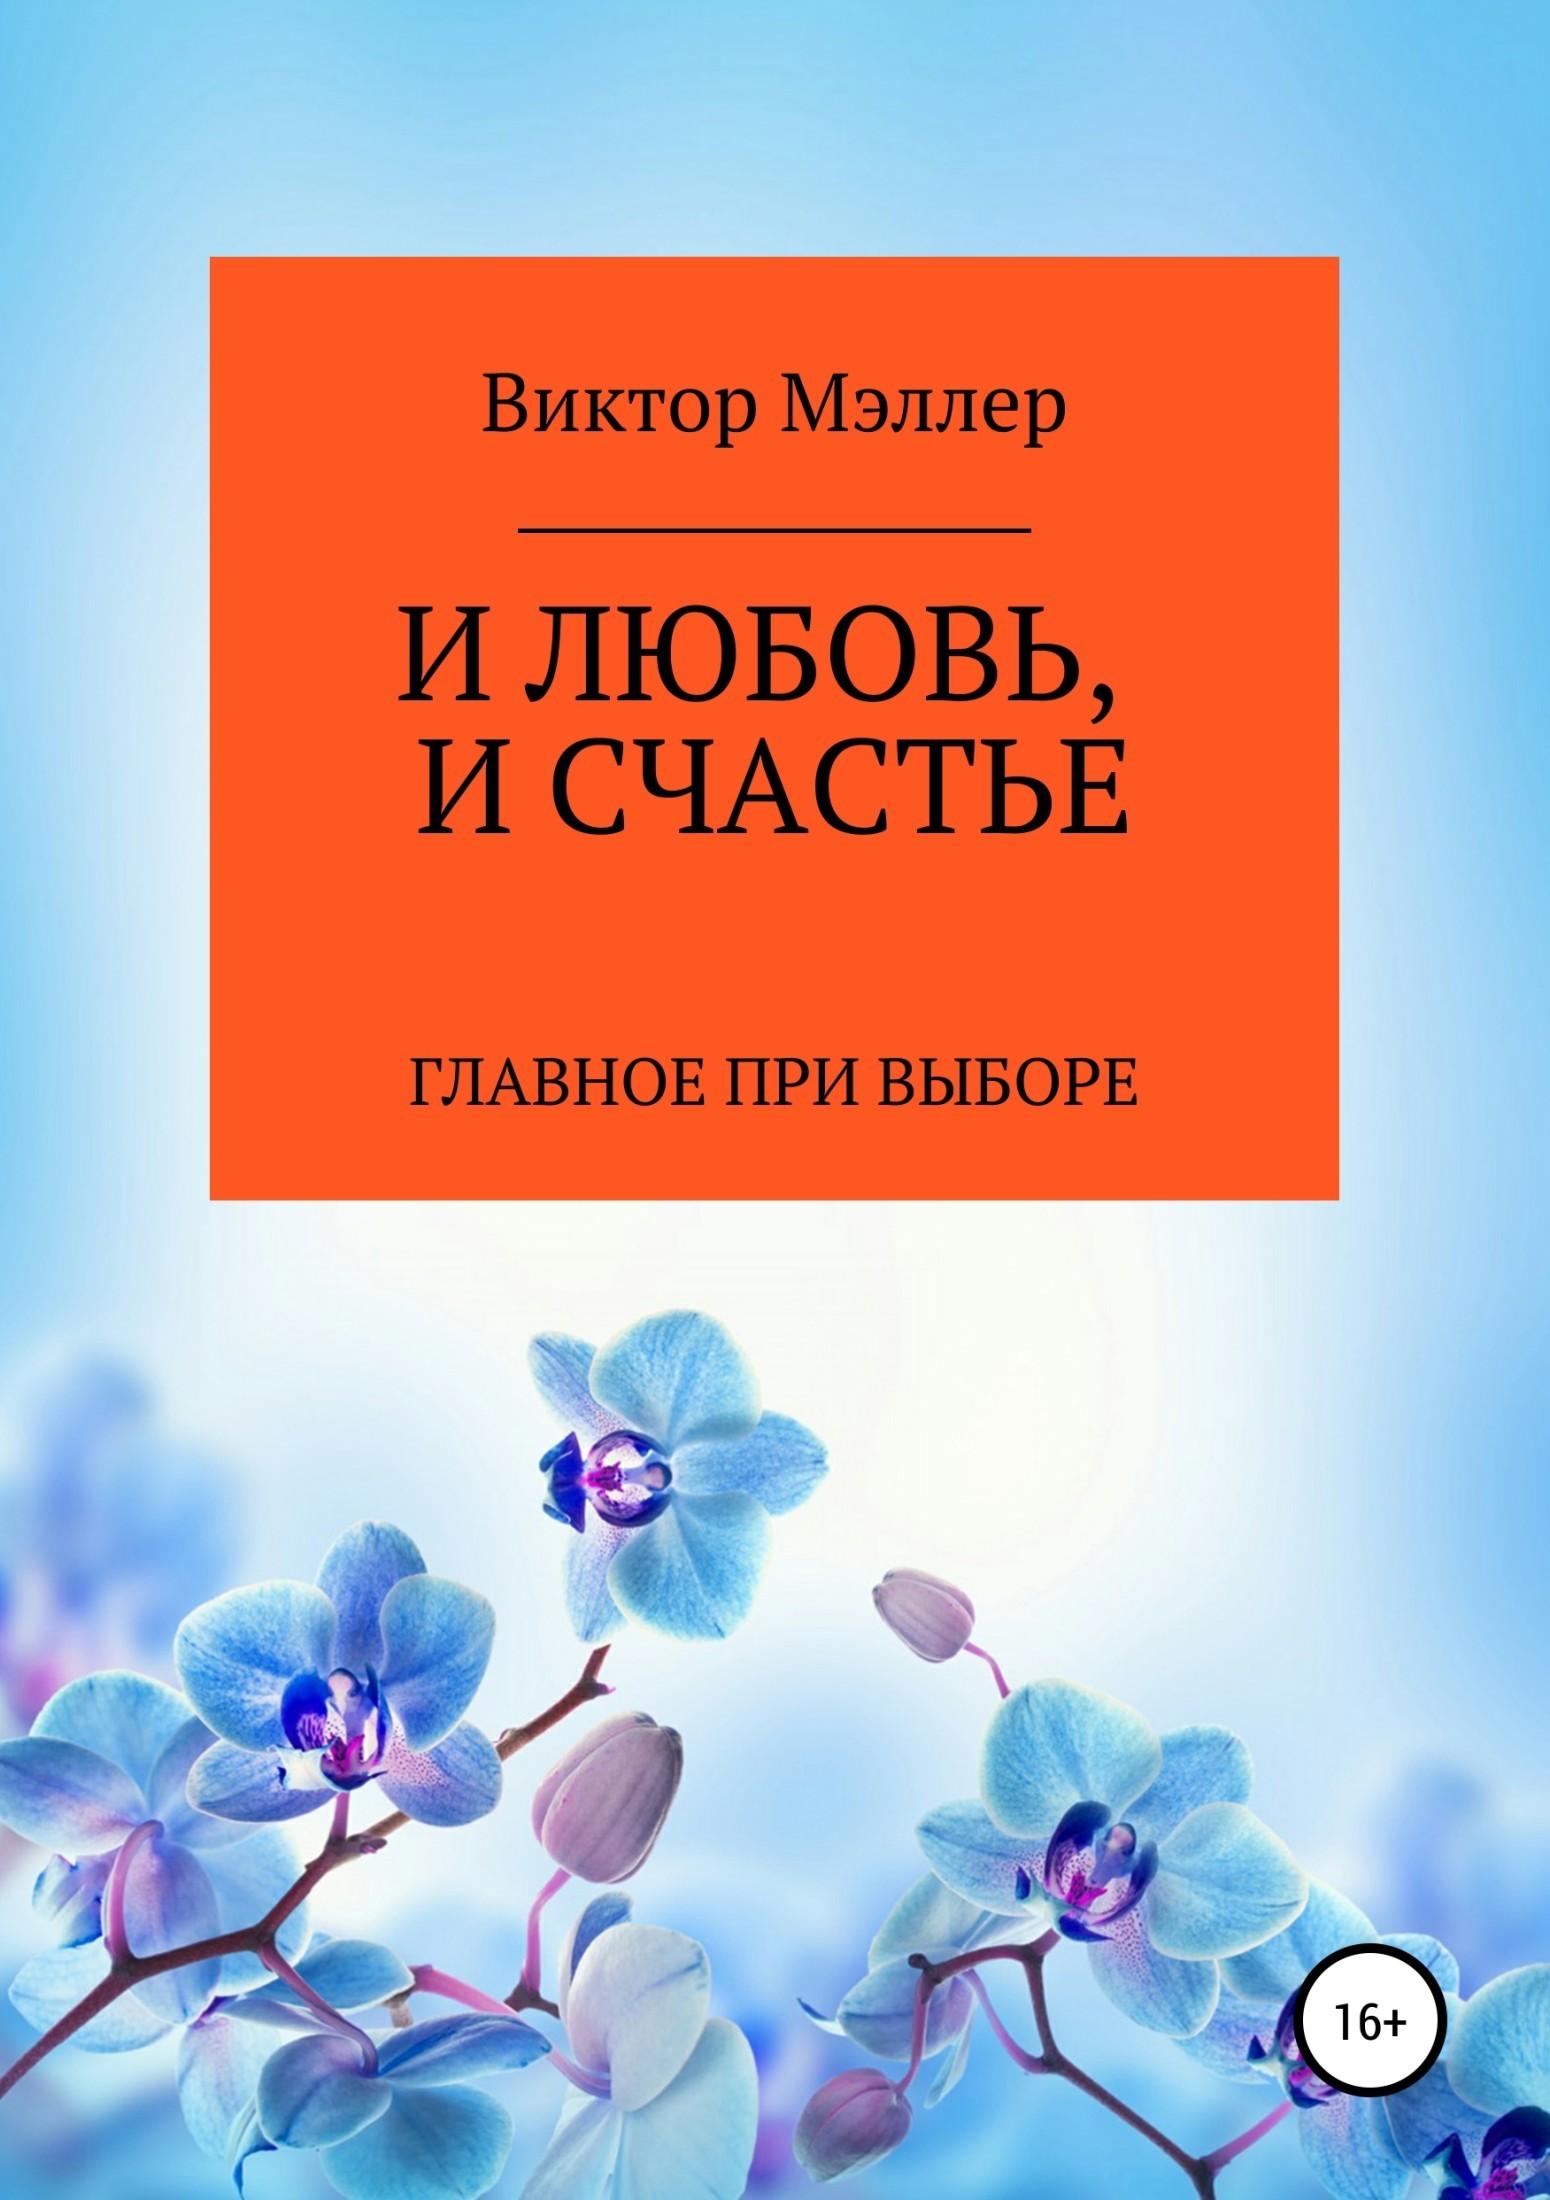 ВИКТОР ГРИГОРЬЕВИЧ МЭЛЛЕР И любовь, и счастье виктор григорьевич мэллер неизвестные законы биопсихического развития